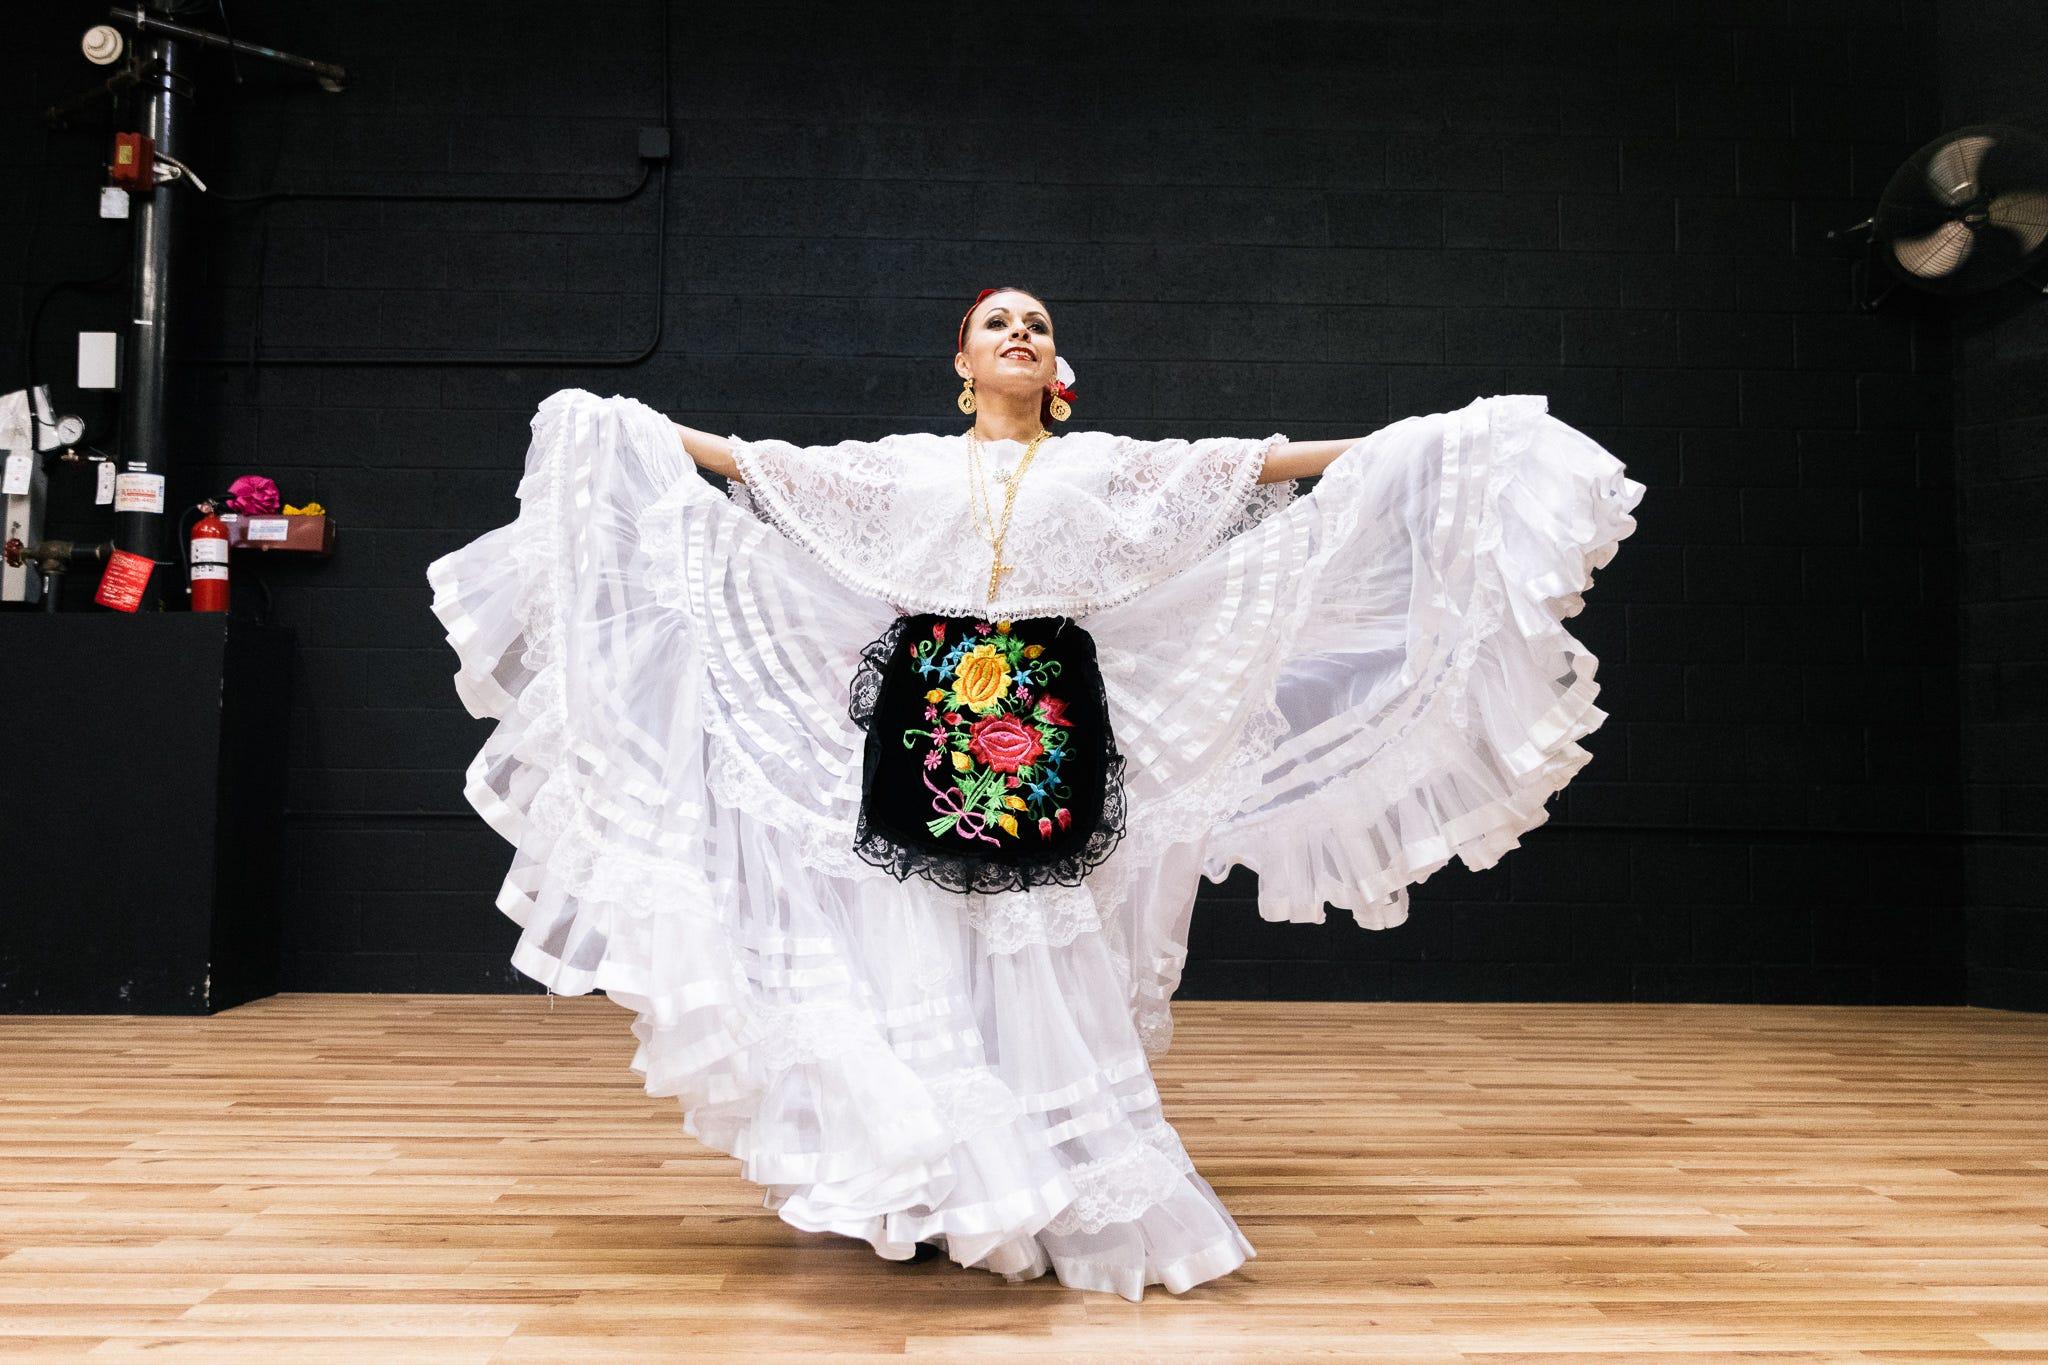 Otro vestido diferente enseña las texturas que detallan la ropa que usan las bailadoras.